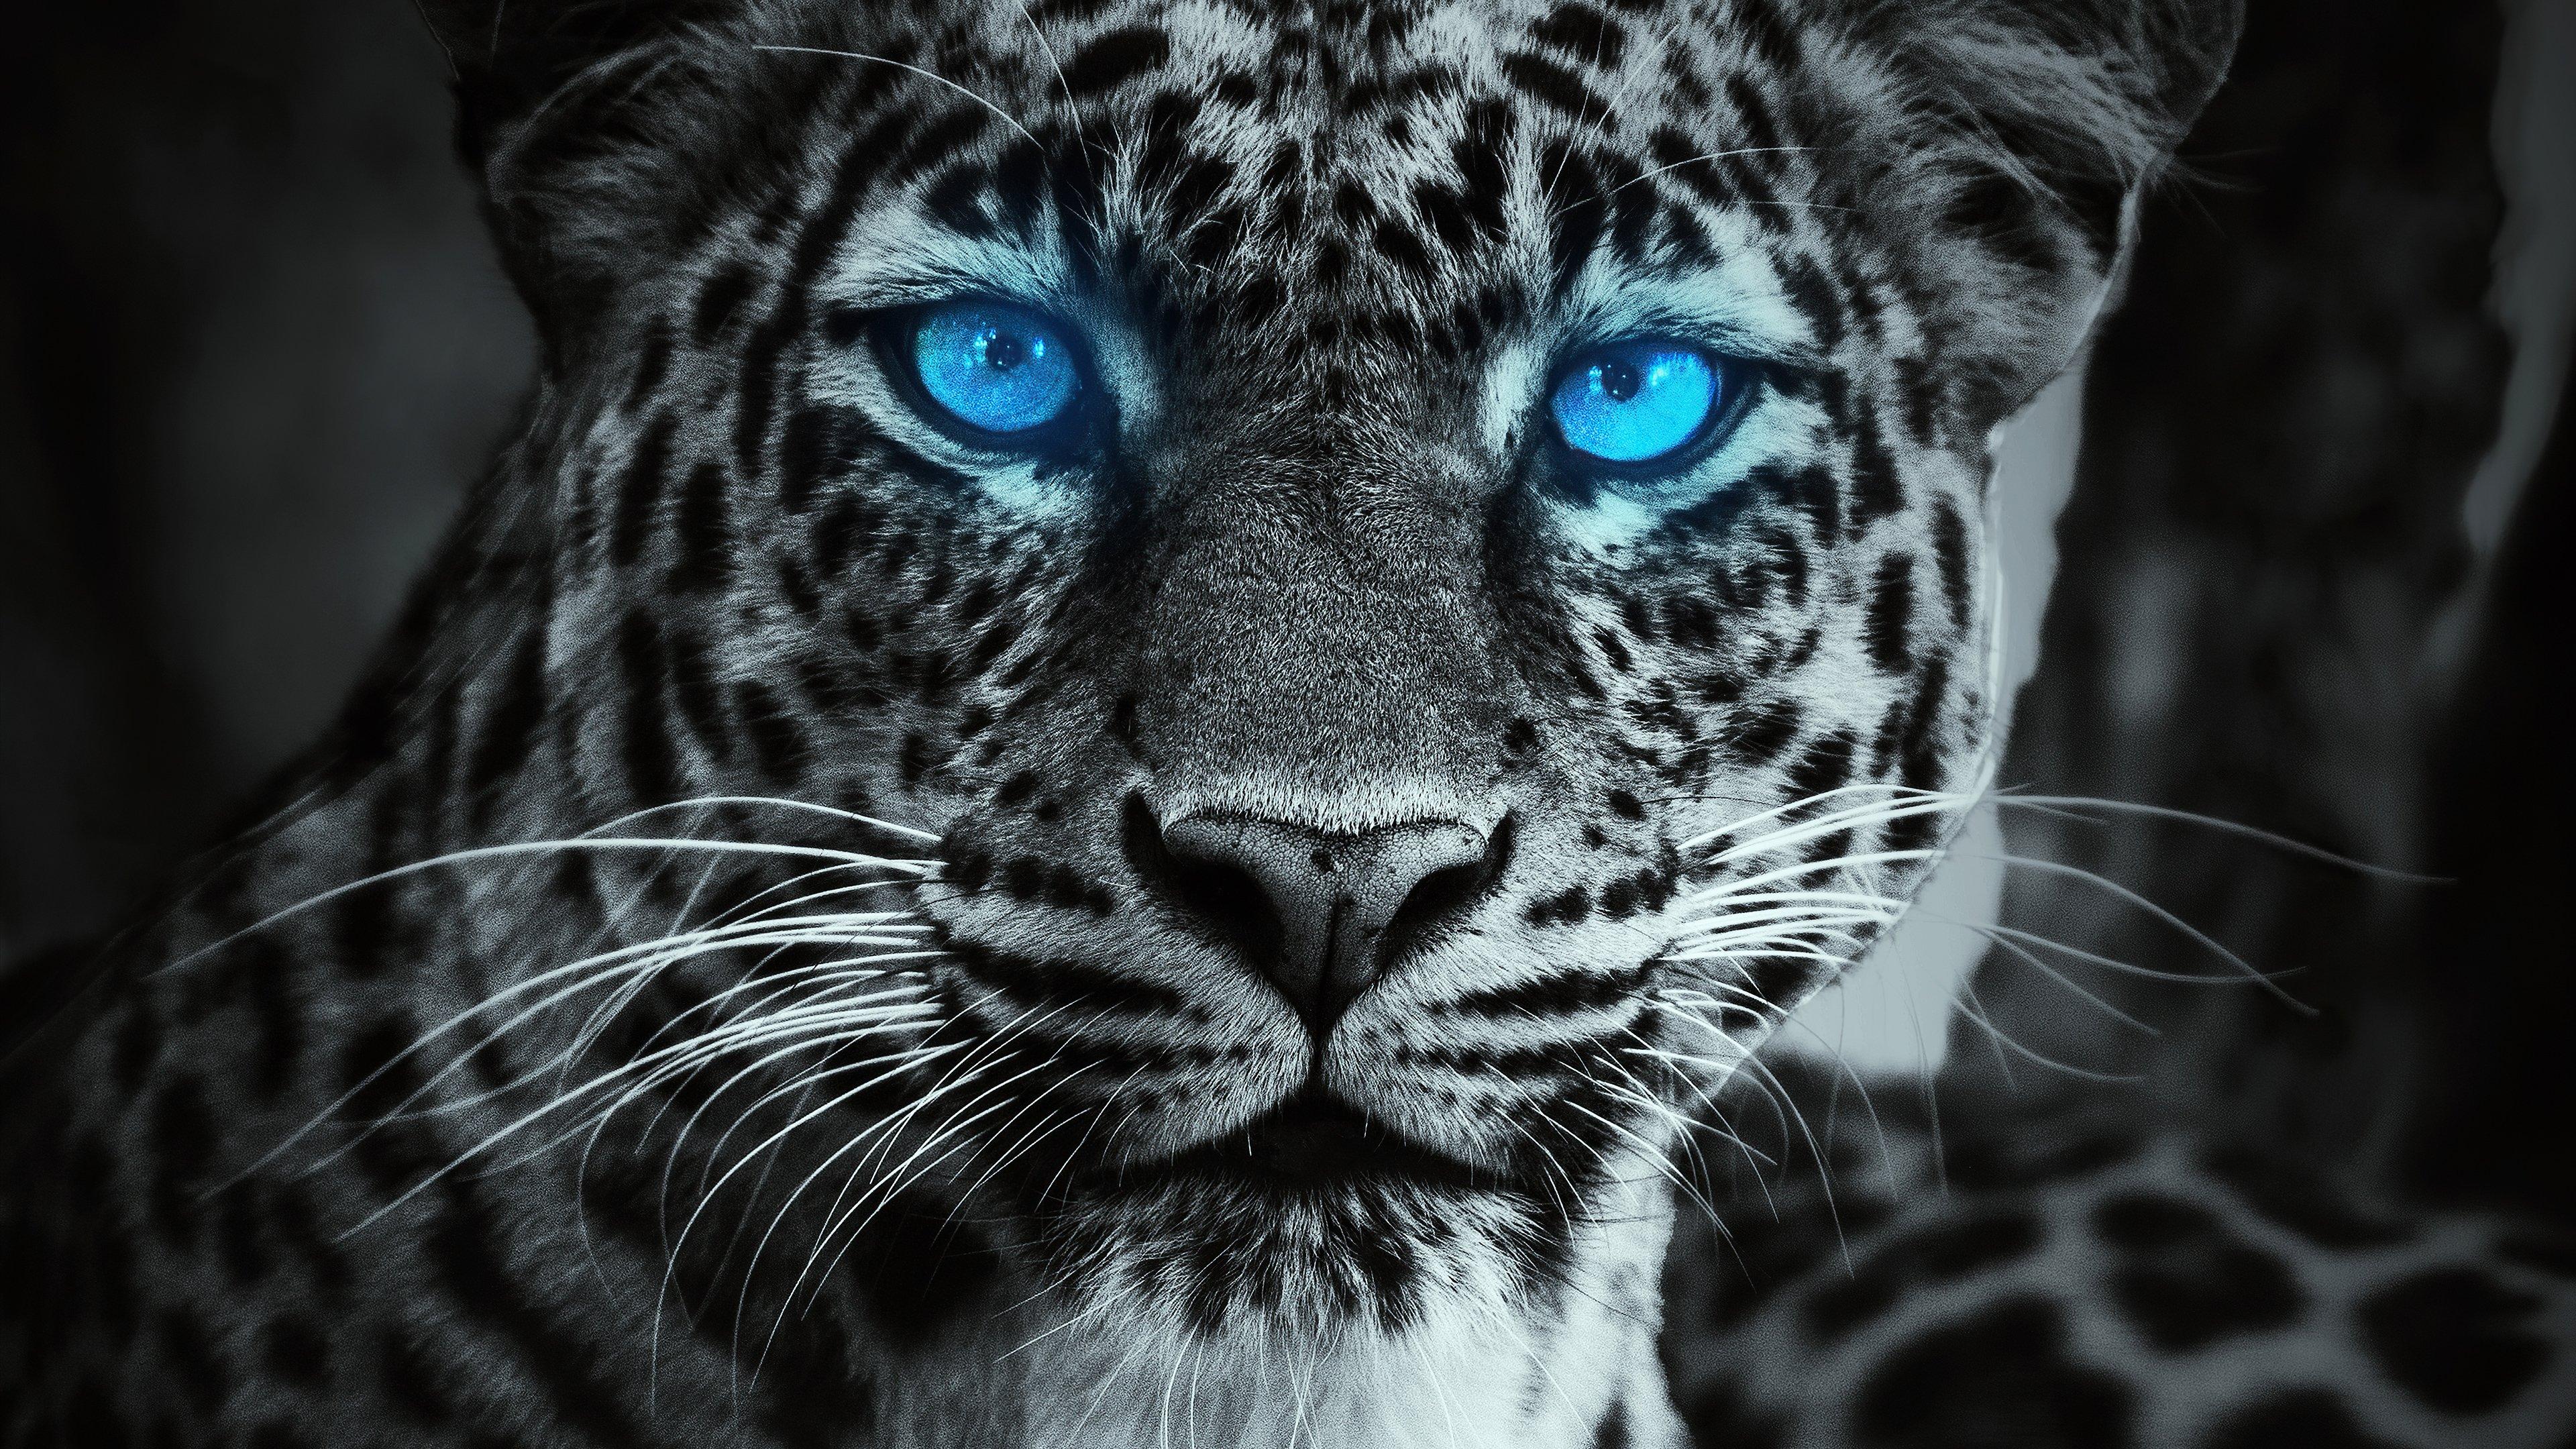 Fondos de pantalla Tigre con ojos azules brillando